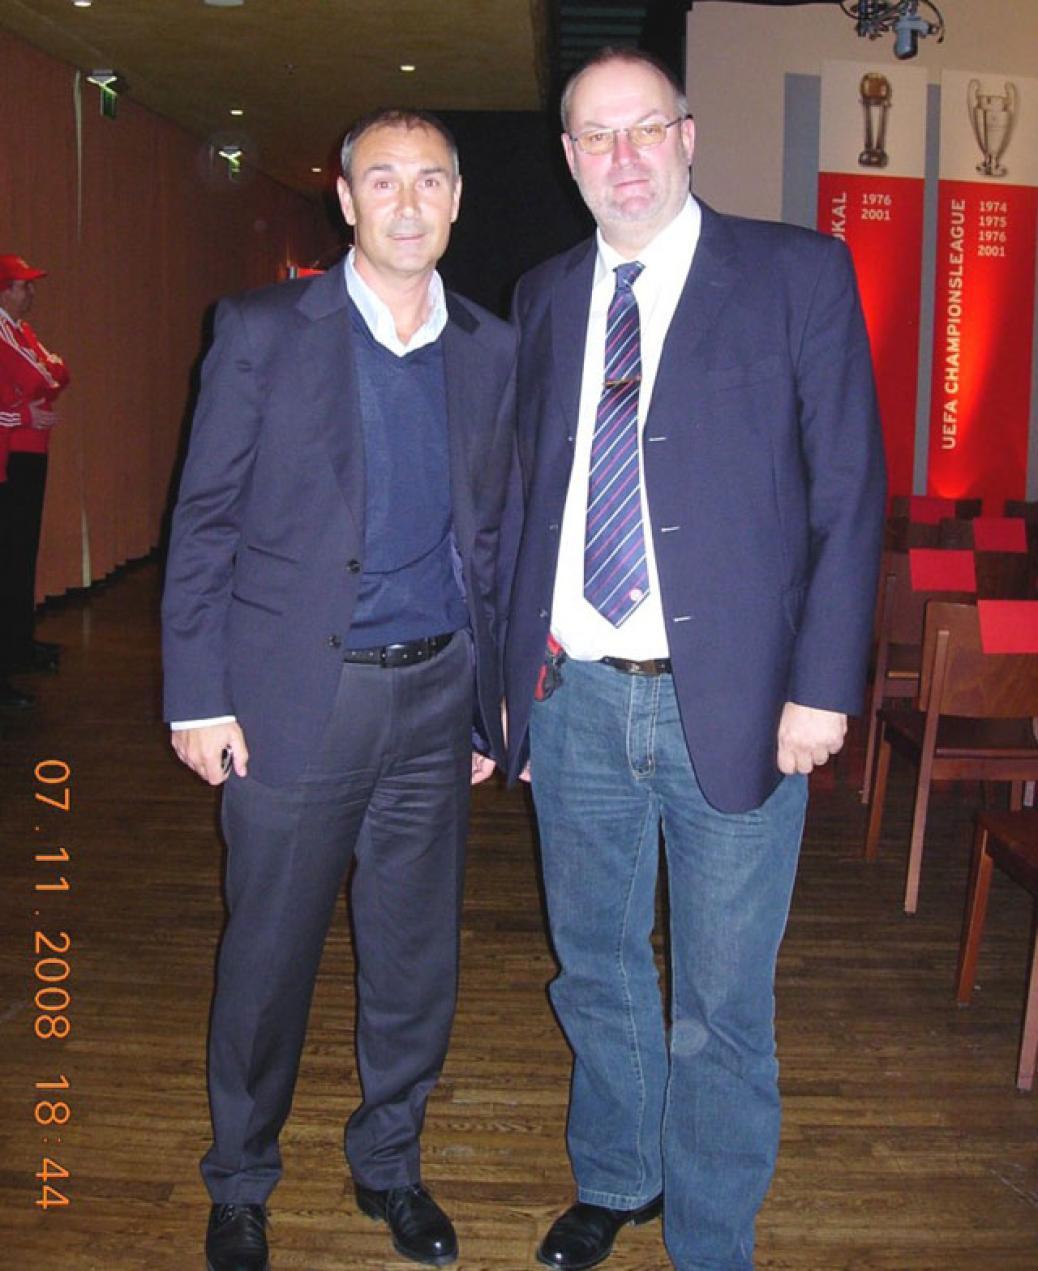 Vorstand Gerald Stutz bei der JHV des FC Bayern München